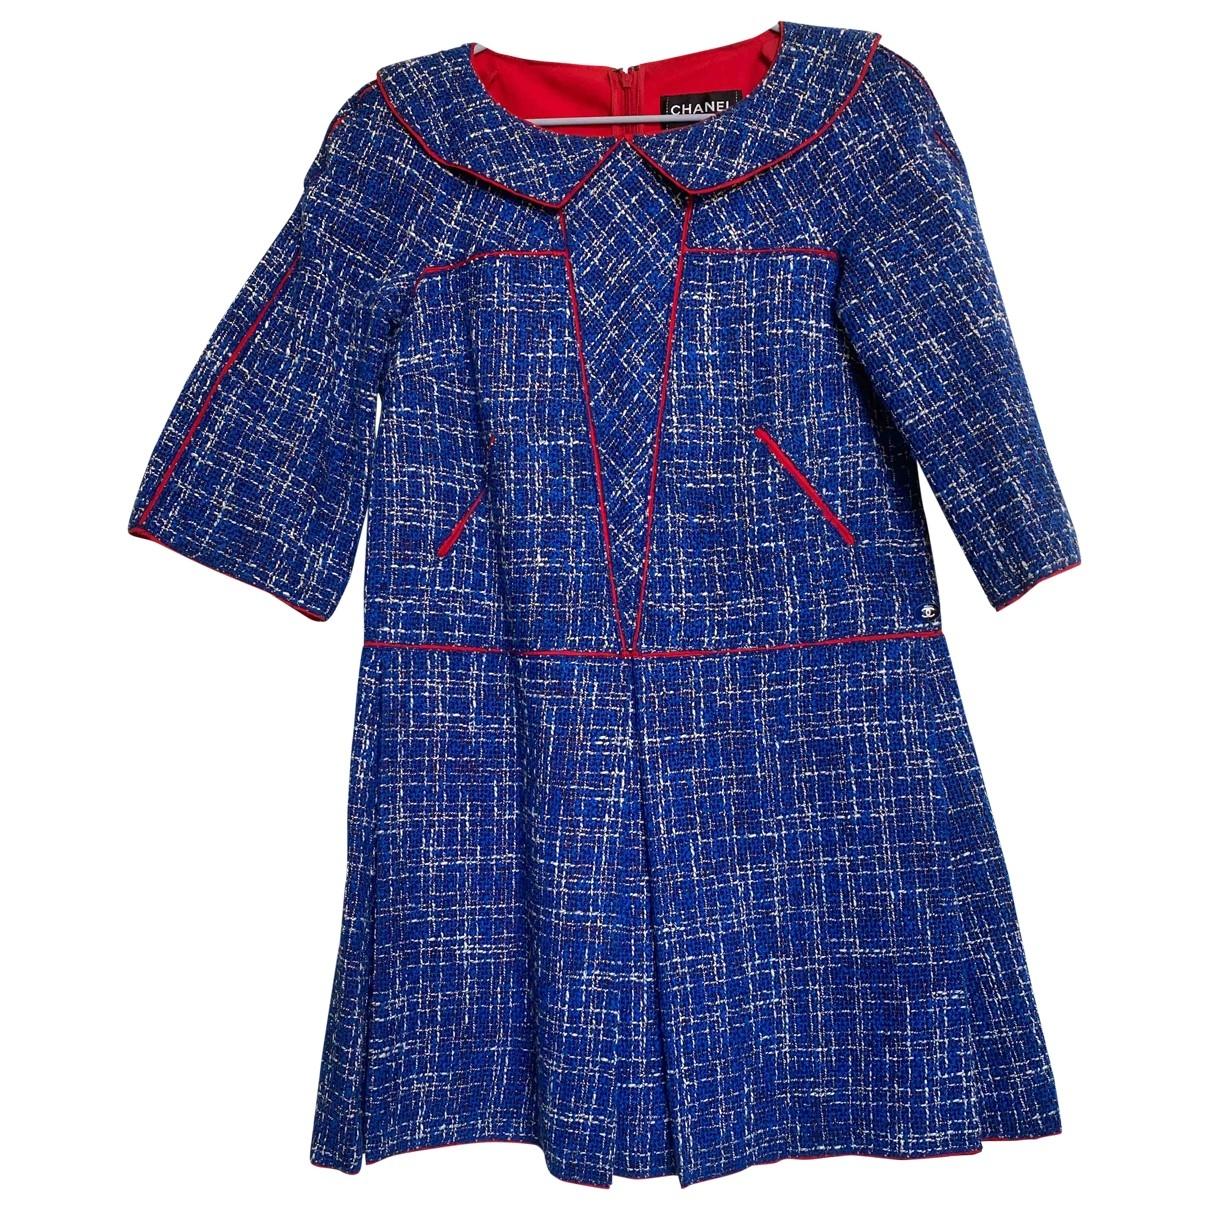 Chanel \N Kleid in  Blau Baumwolle